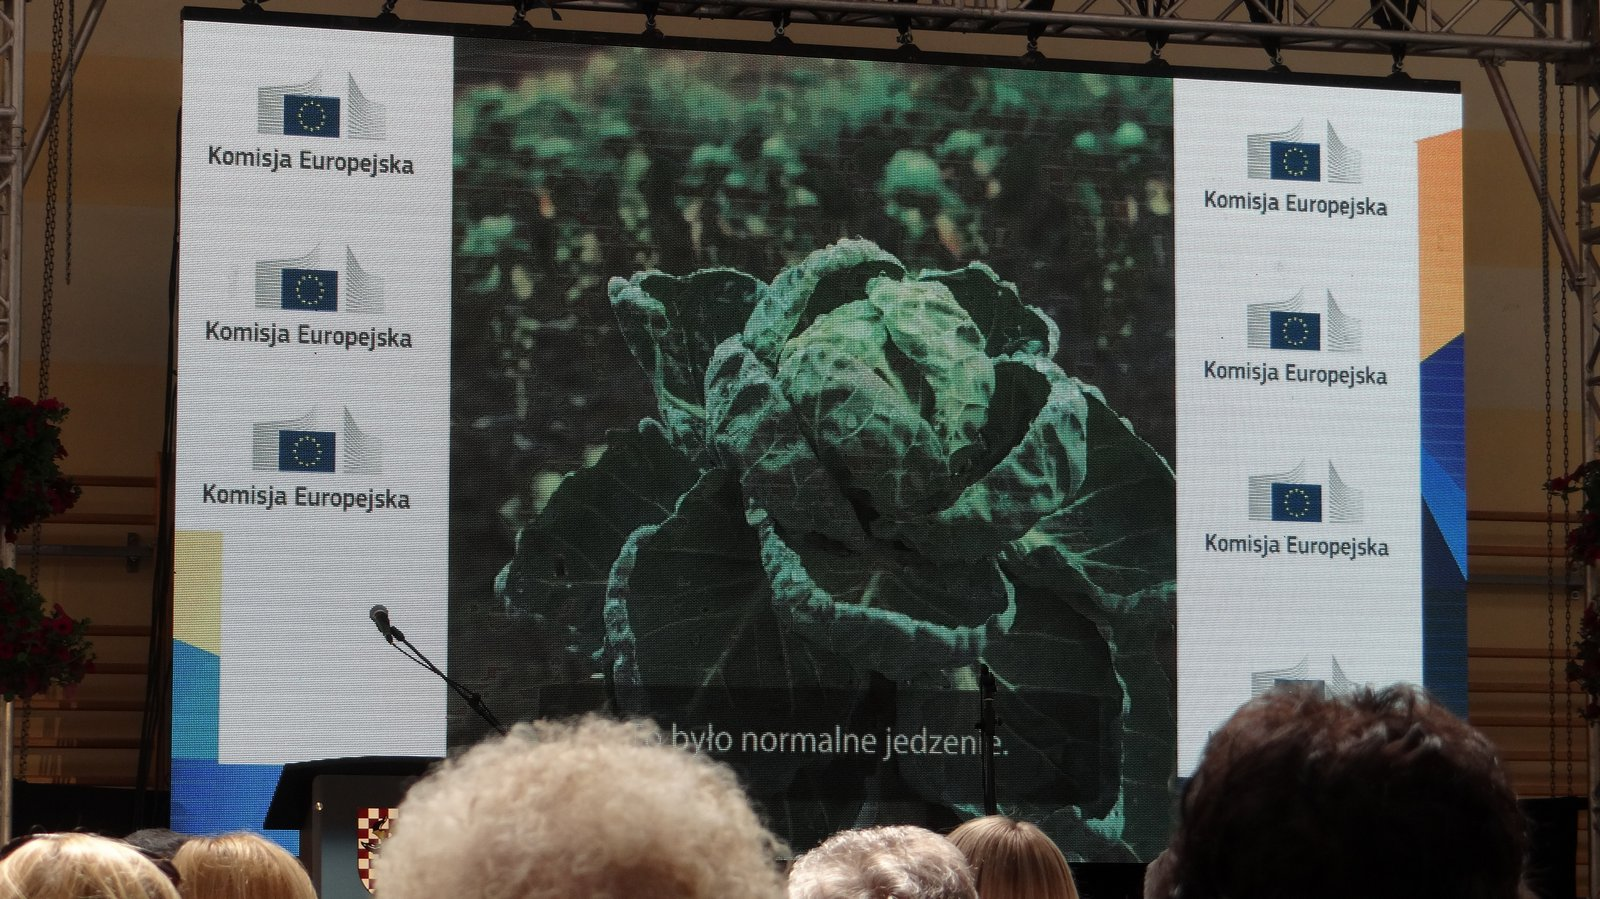 dsc09445 - Wielkopolska zaradność i pracowitość doceniona na Forum Wielkopolskiej Wsi Europejskiej